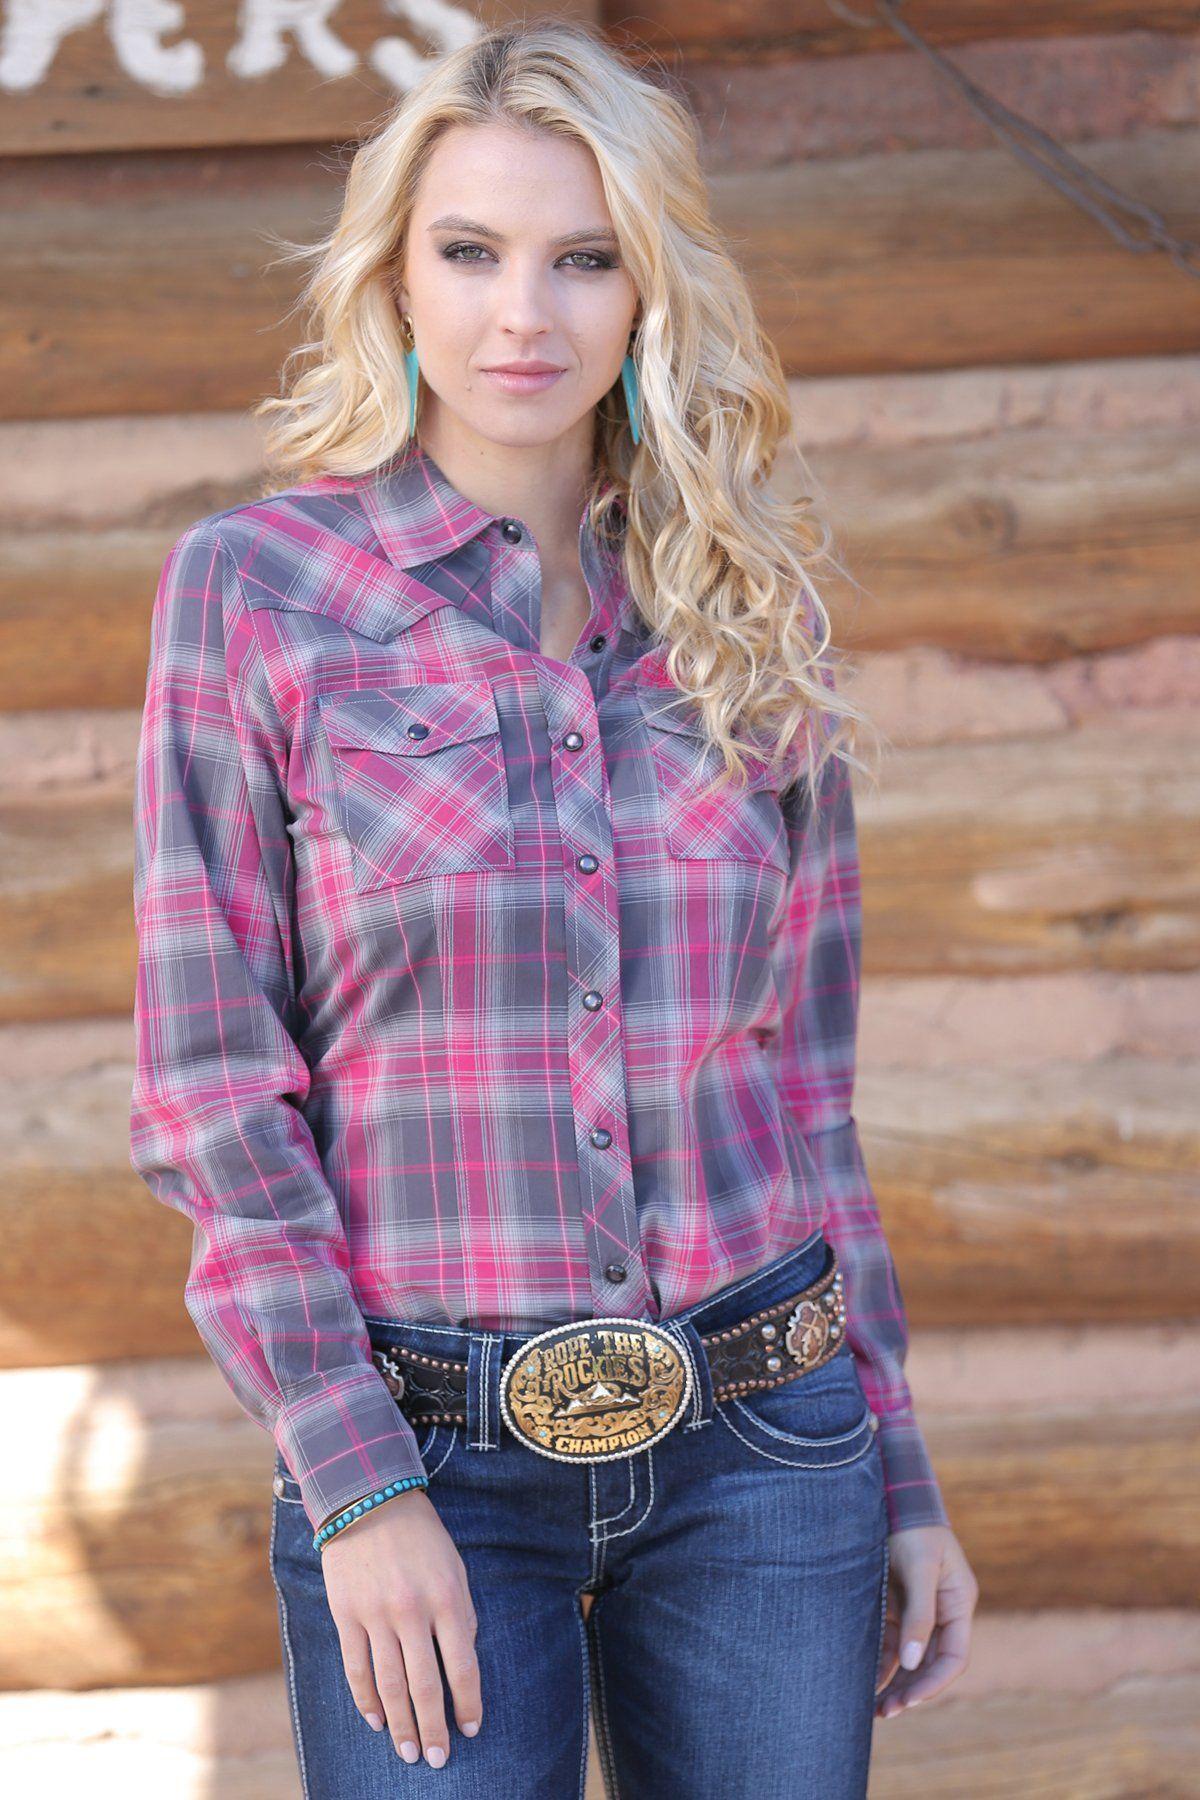 jeans mujer moda mujer moda vaquera ponerse ropa vaquera estilo vaquera estilo occidental estilo rstico chica cruel